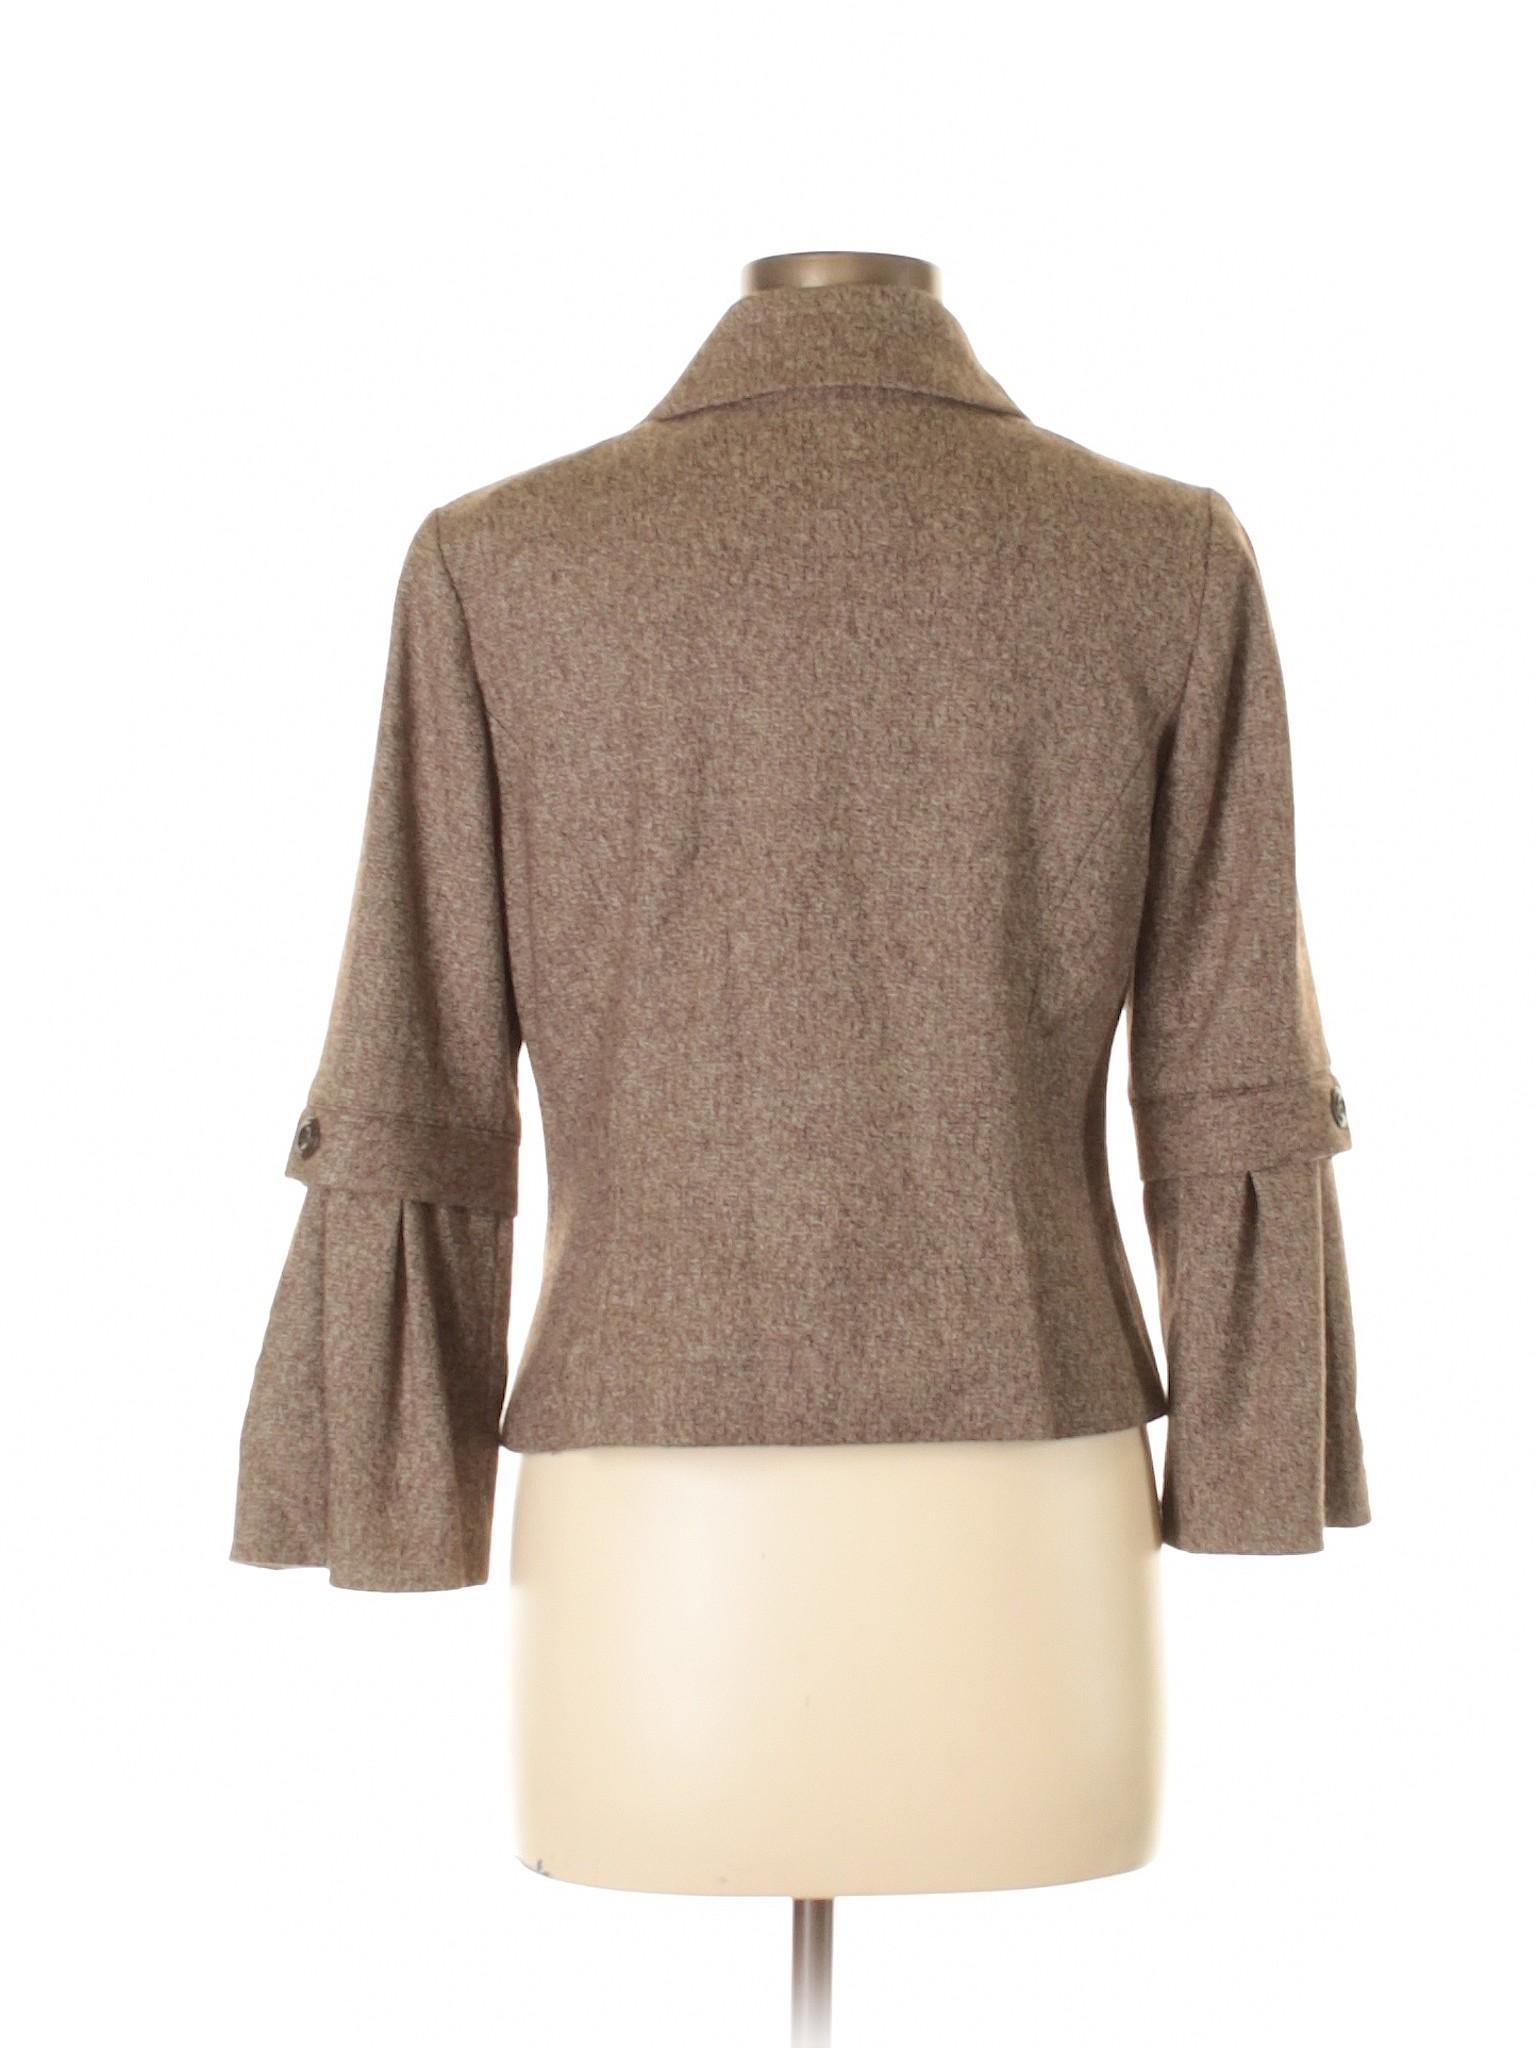 Wool Liquid Boutique leisure Liquid leisure Boutique Blazer PF4qwnTW